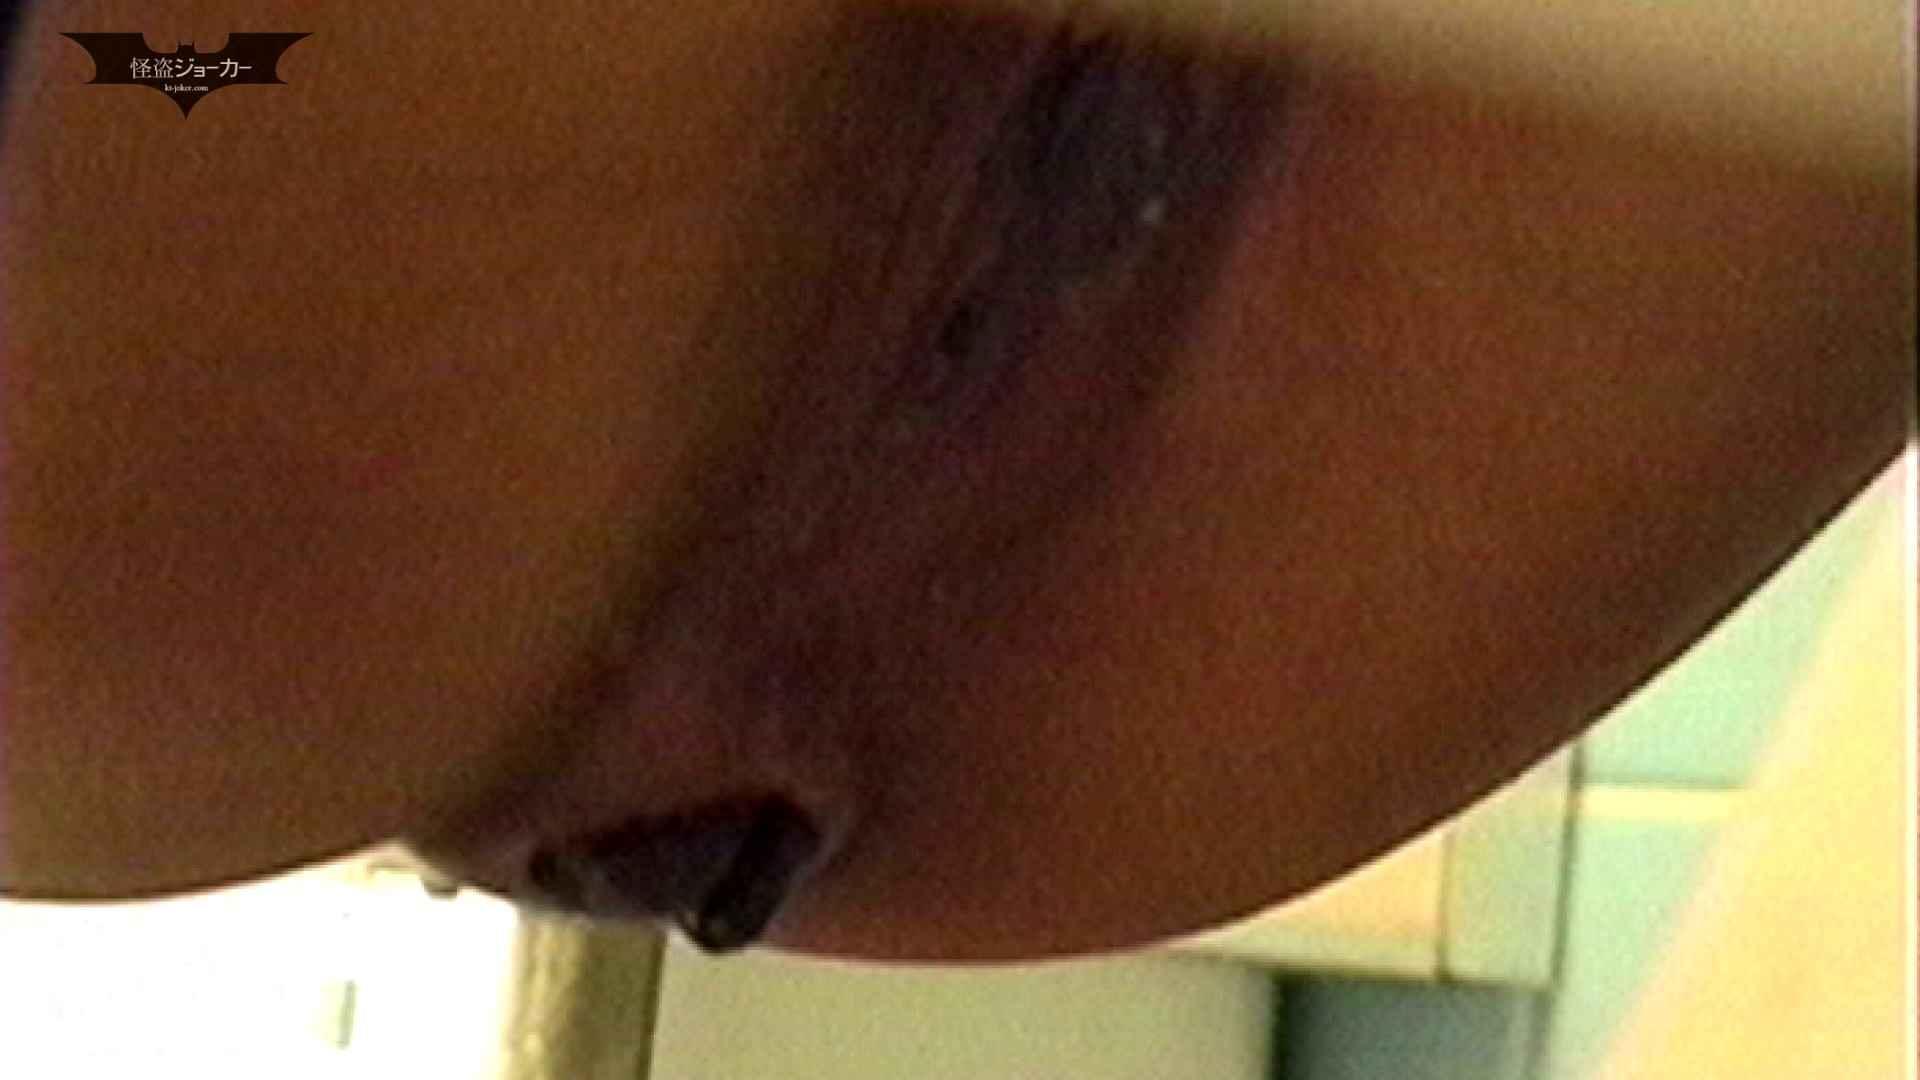 女の子の休み時間のひととき Vol.07 盛合せ オマンコ無修正動画無料 110画像 53